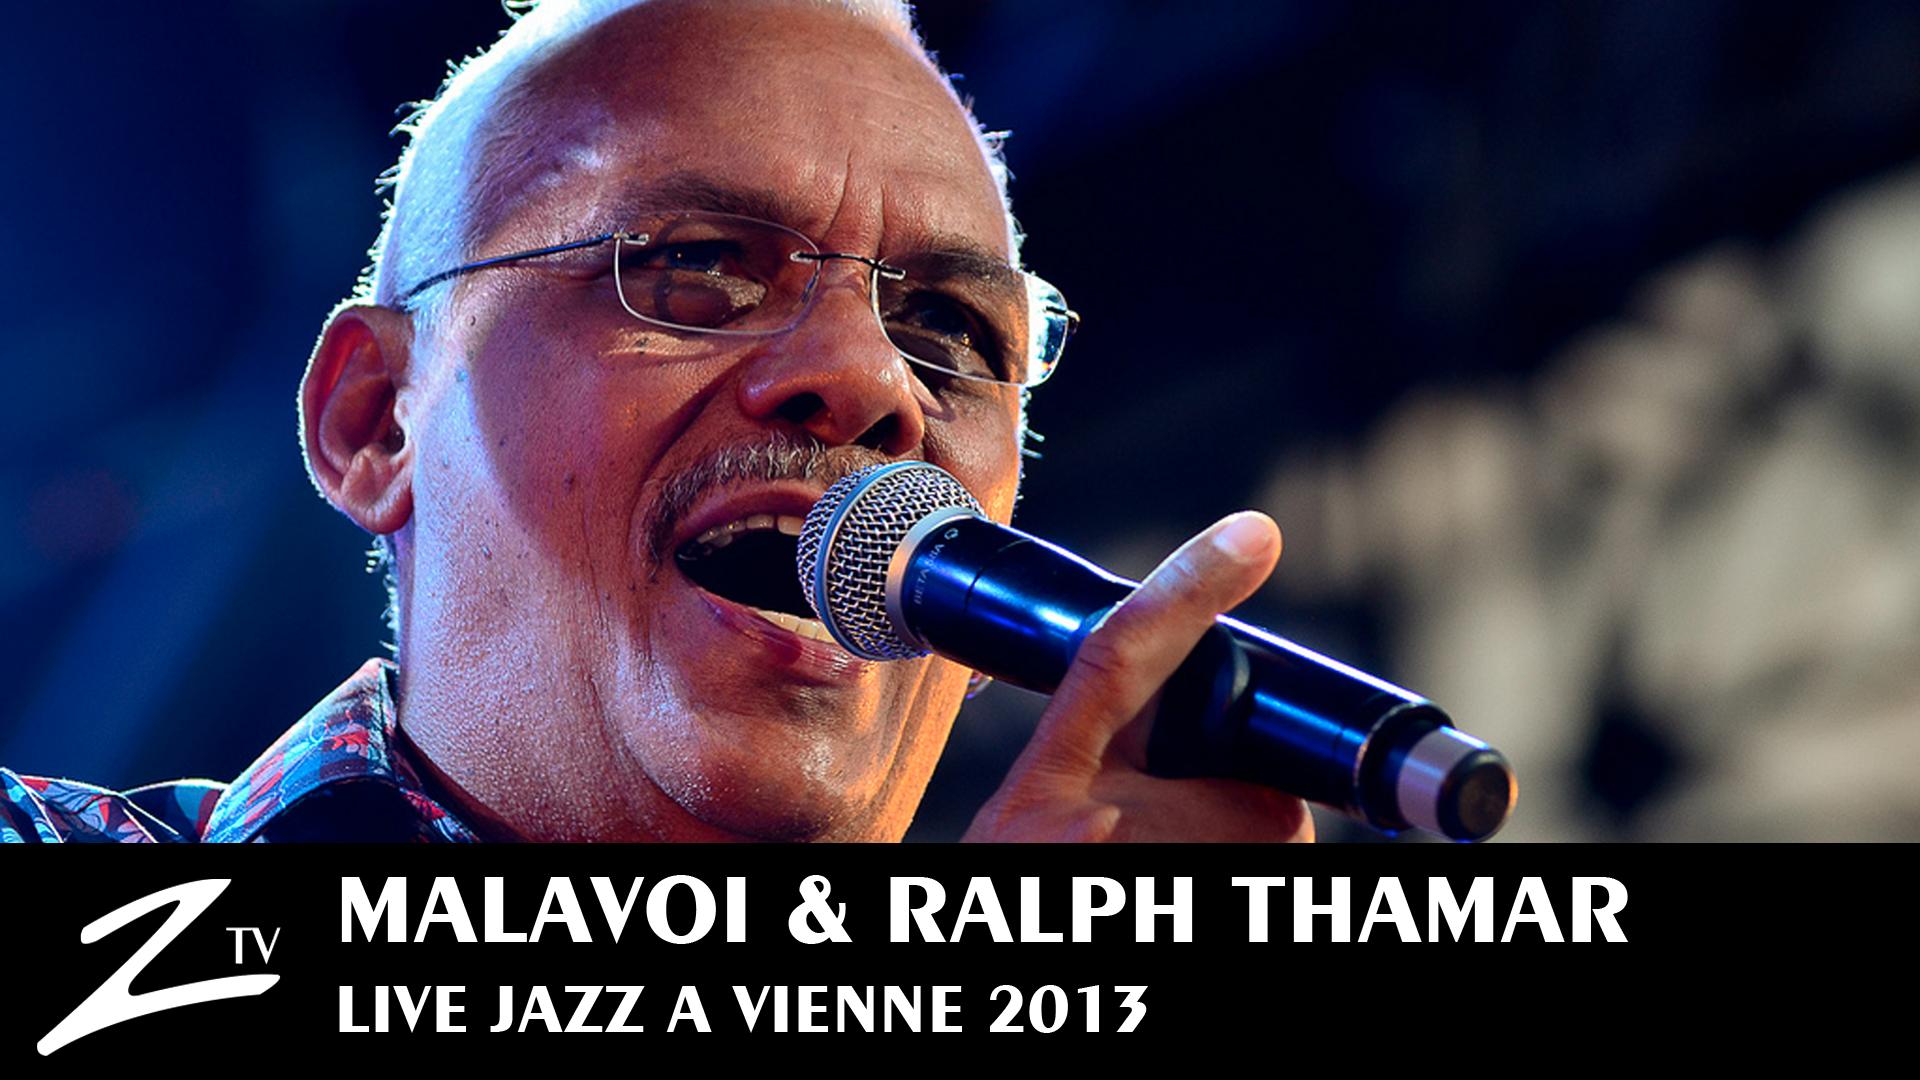 Malavoi & Ralph Thamar